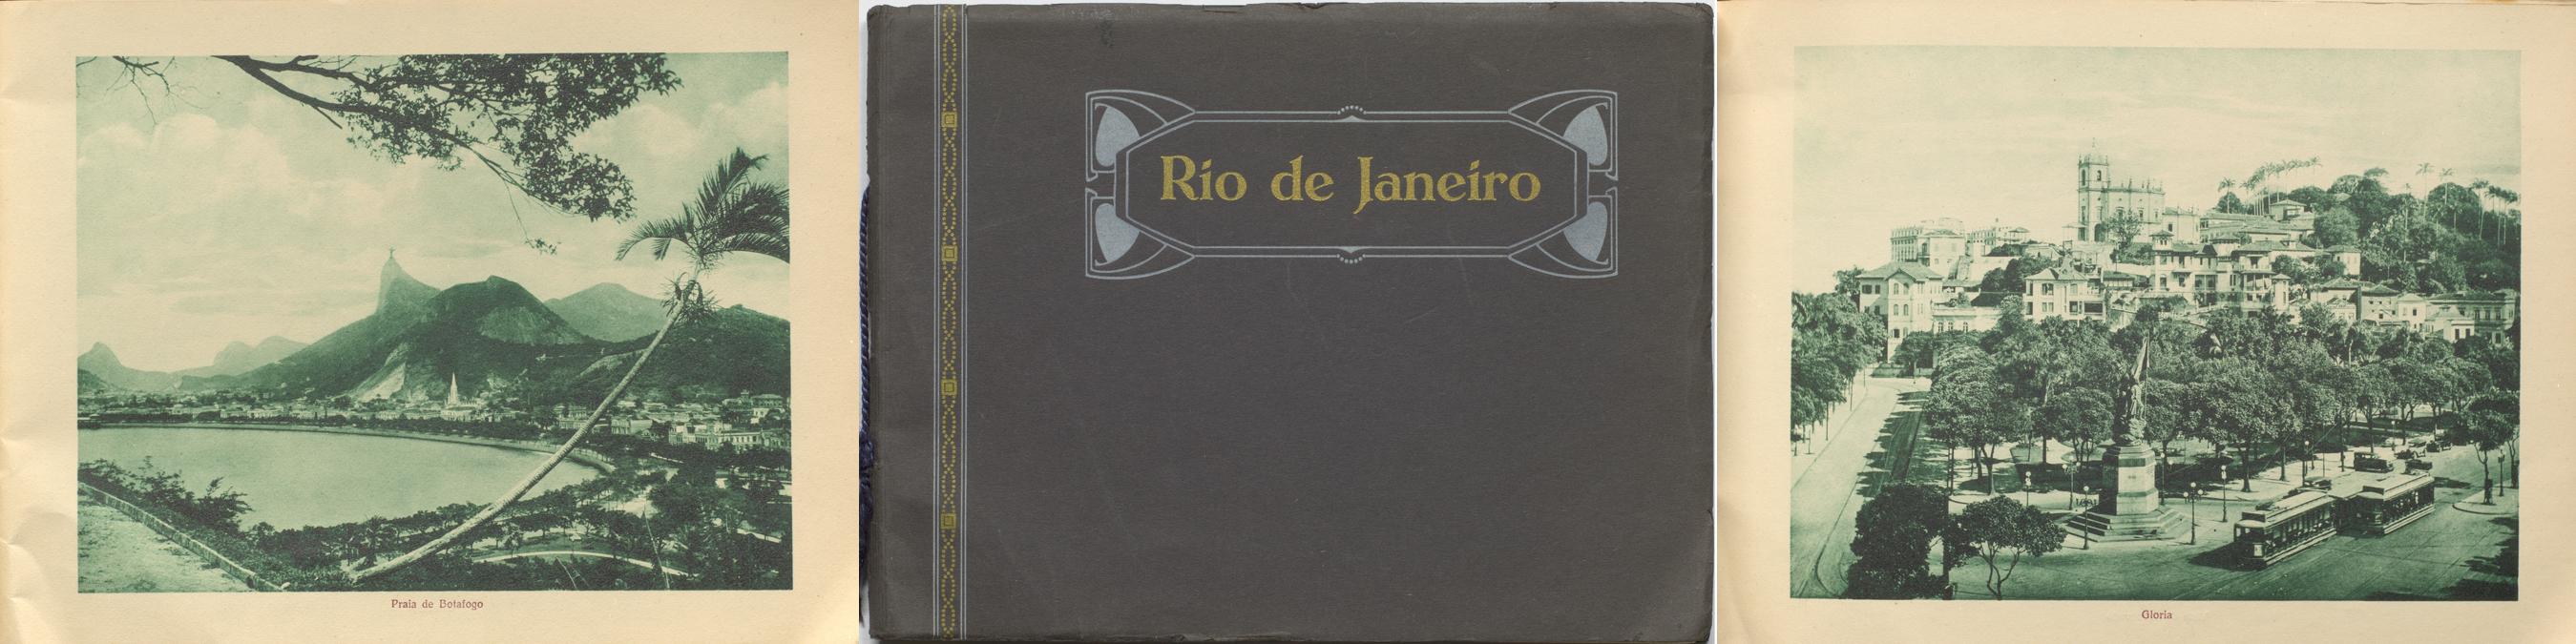 Rio_blog